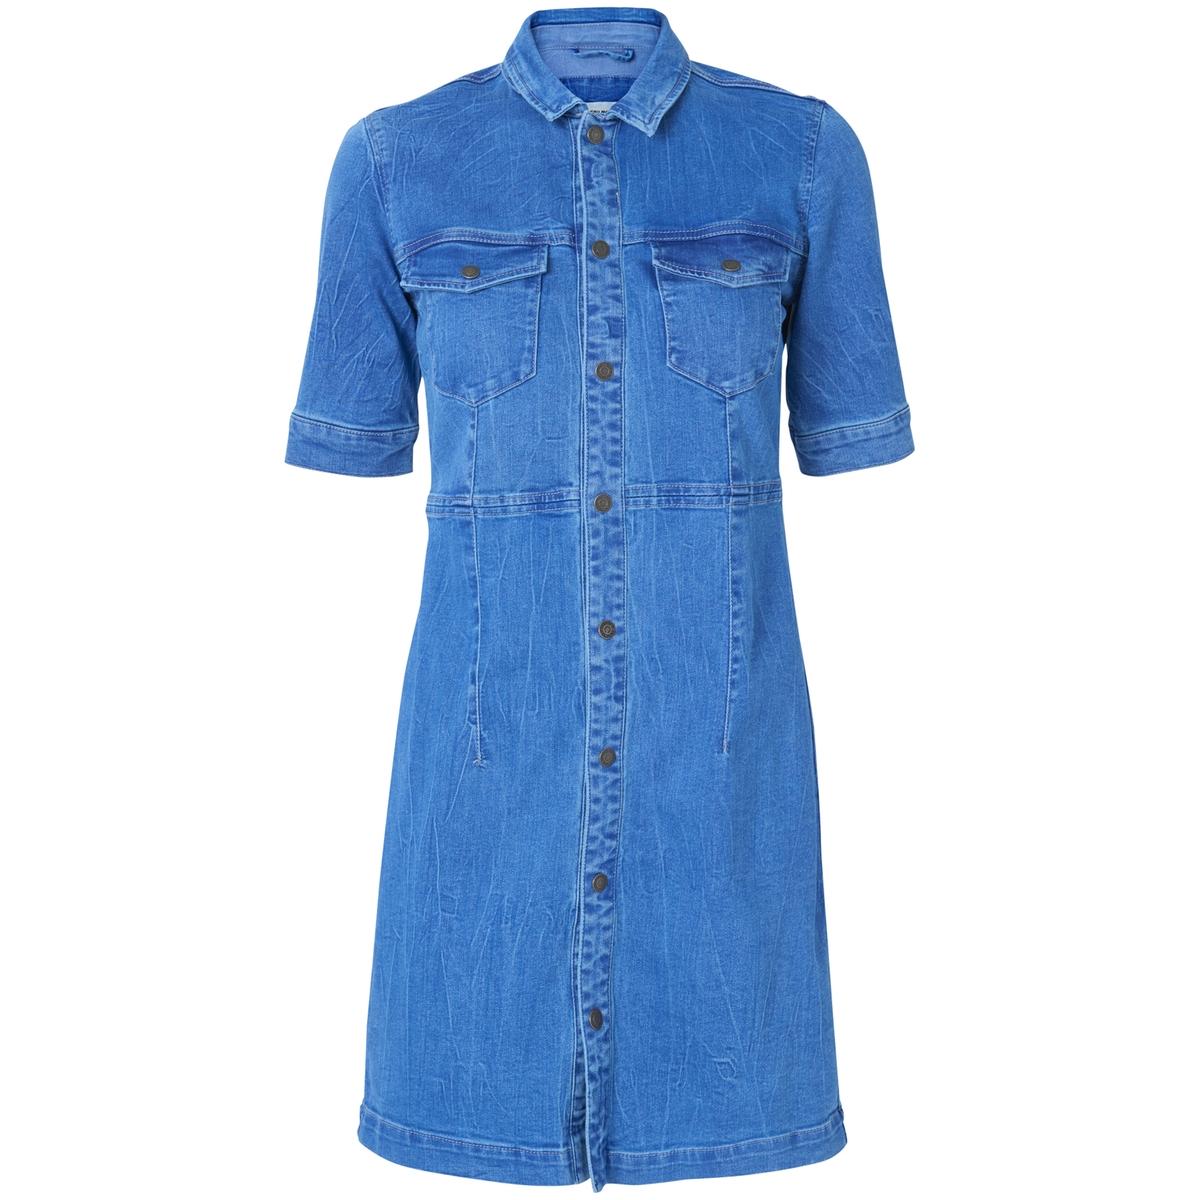 Платье-рубашка из денимаСостав и описание  :Материал : 79% хлопка, 19% полиэстера, 2% эластана                                                              Марка : VERO MODA                 Уход :        Машинная стирка при 30 °С<br><br>Цвет: светло-синий<br>Размер: XS